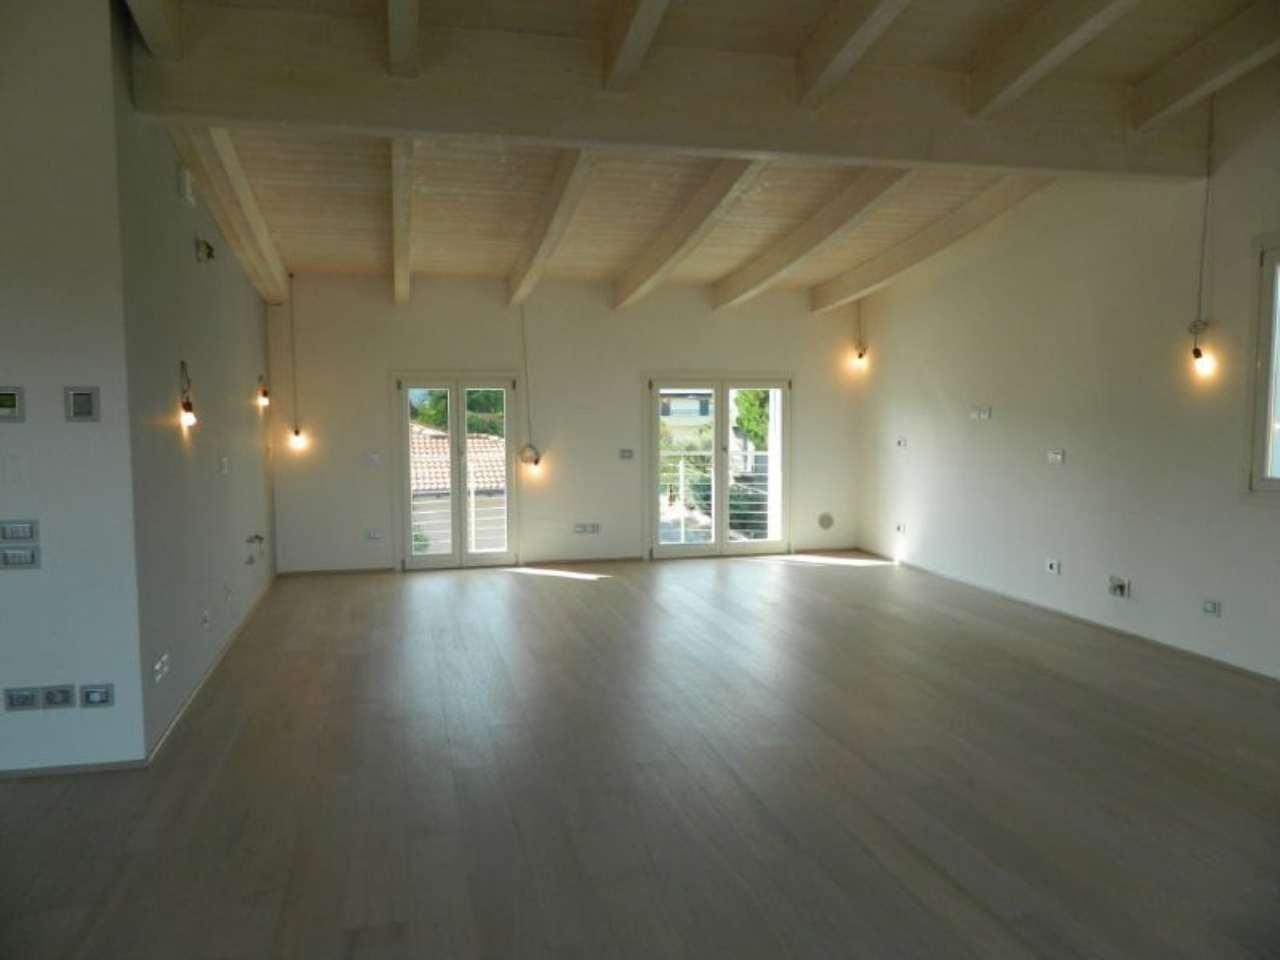 Attico / Mansarda in vendita a Desenzano del Garda, 4 locali, prezzo € 980.000 | Cambio Casa.it